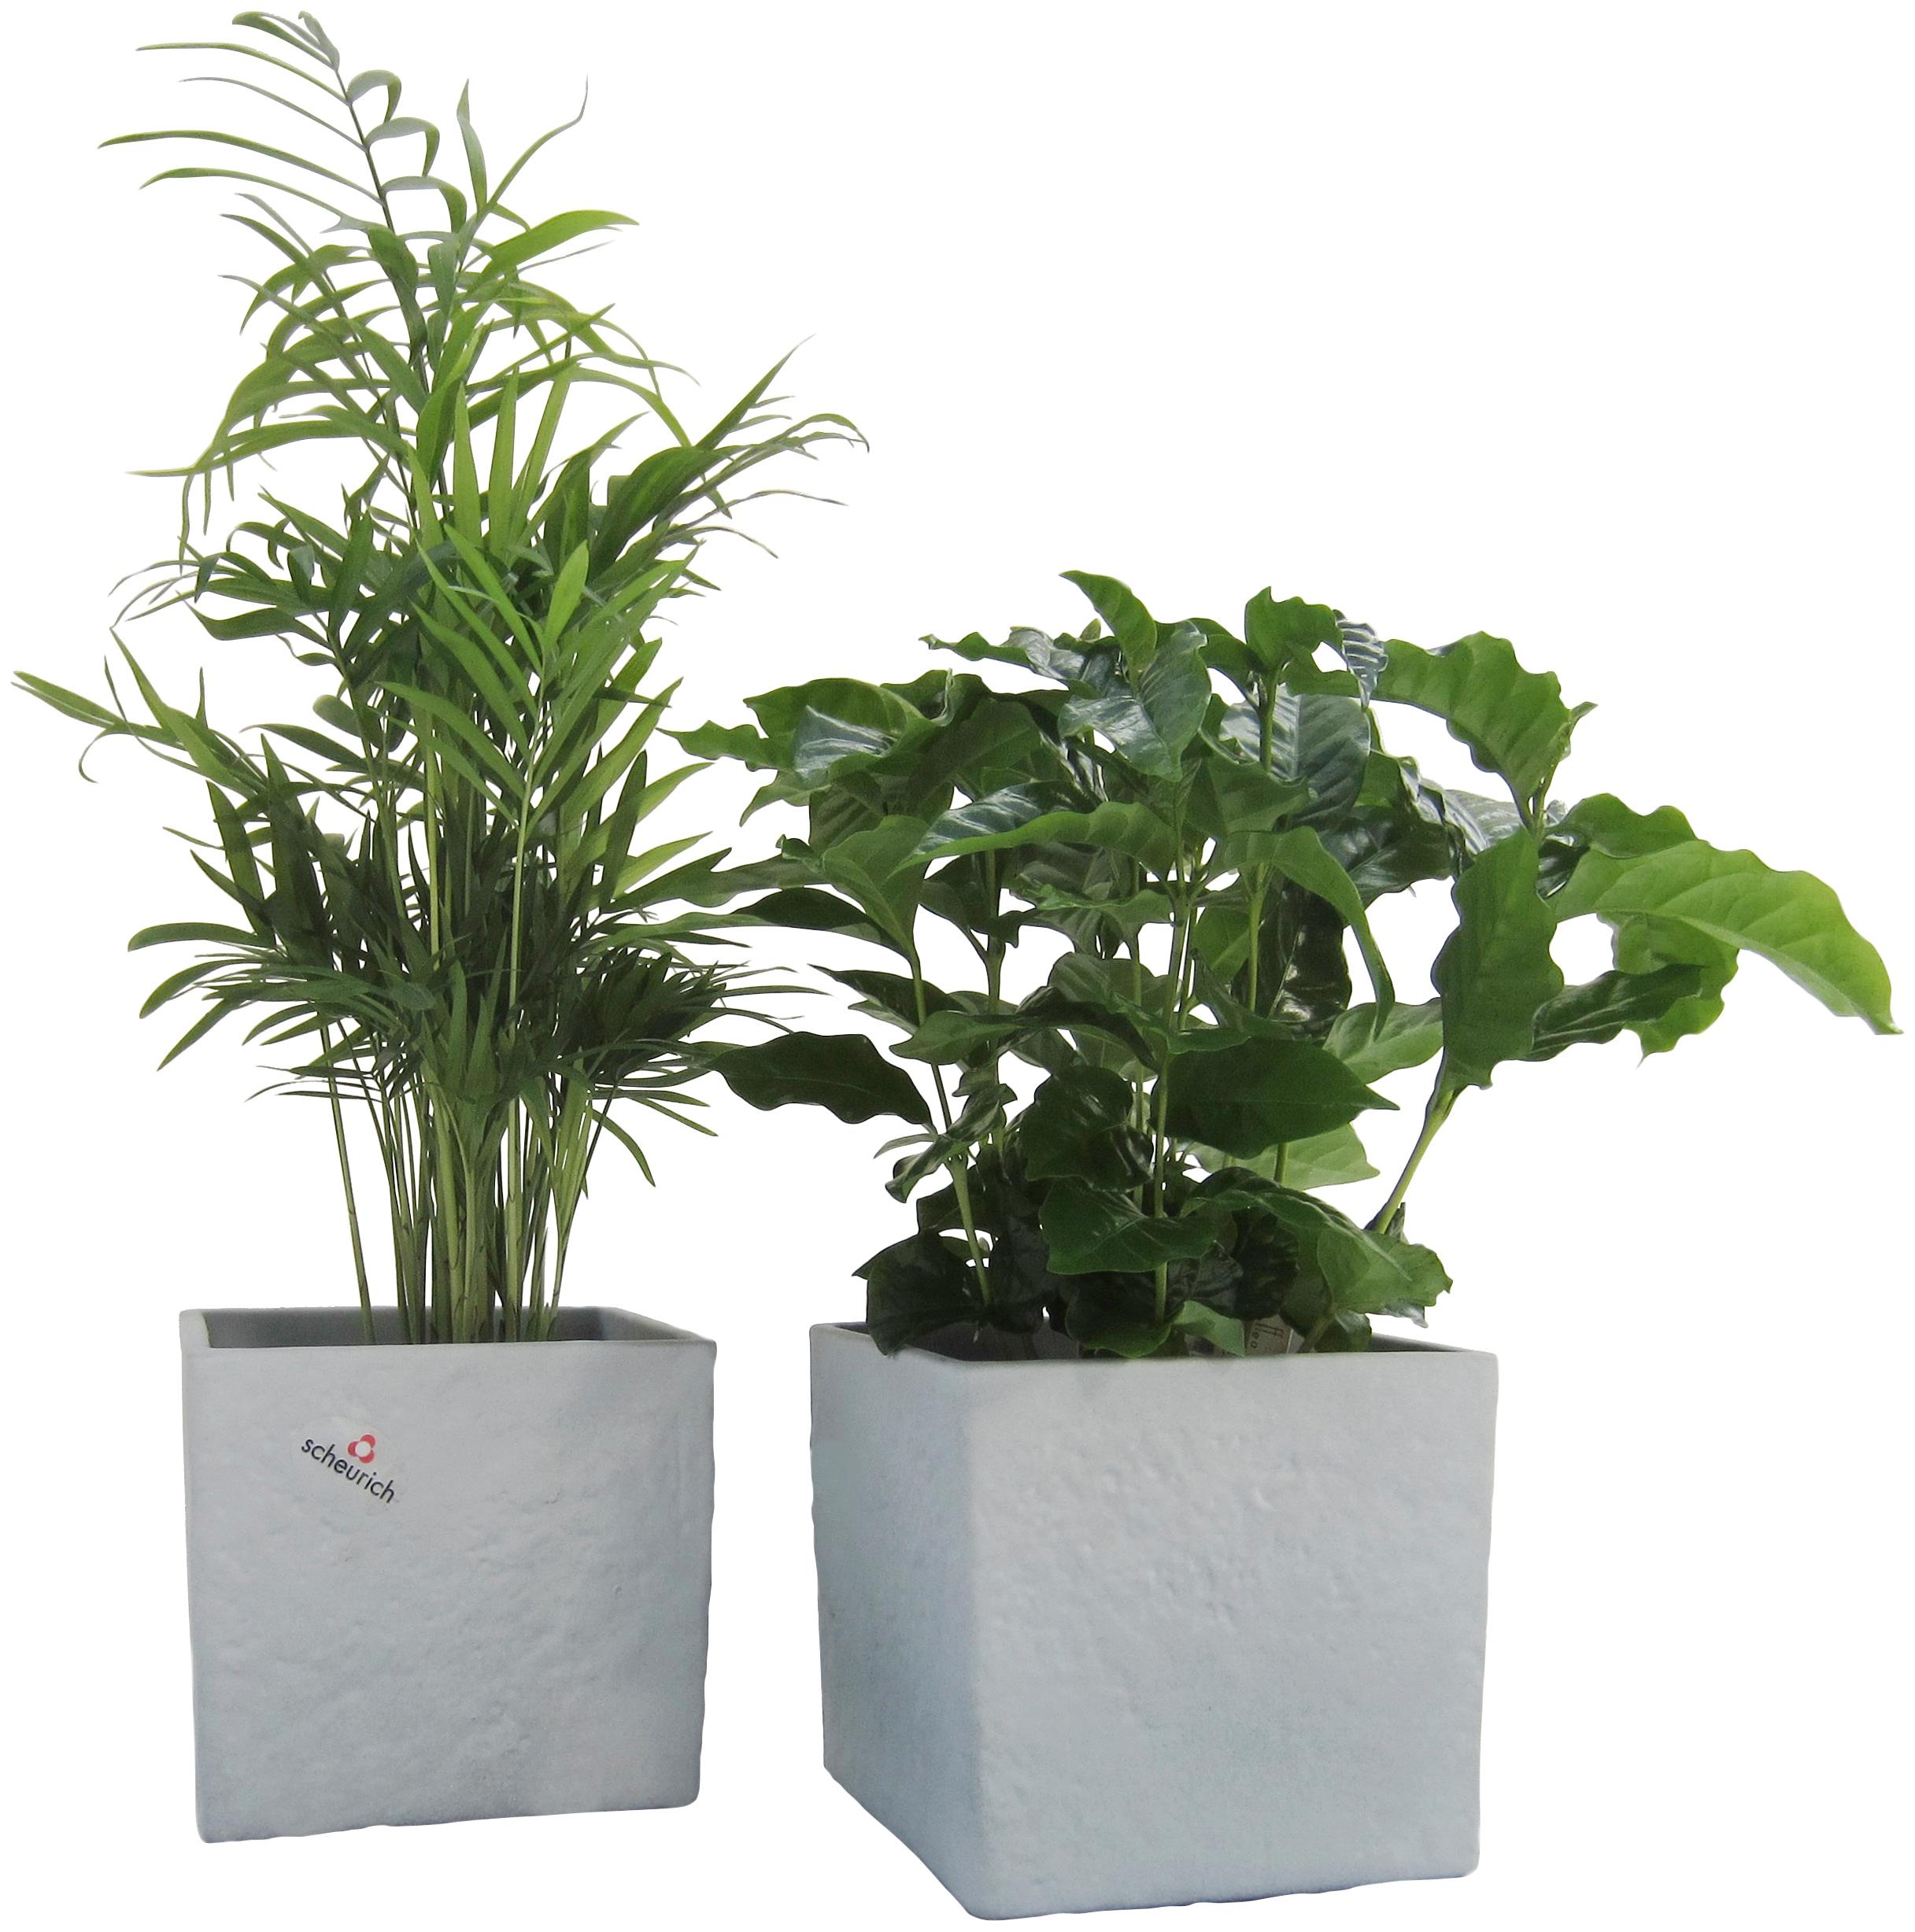 Dominik Zimmerpflanze Palmen-Set, Höhe: 15 cm, 2 Pflanzen in Dekotöpfen grün Zimmerpflanzen Garten Balkon